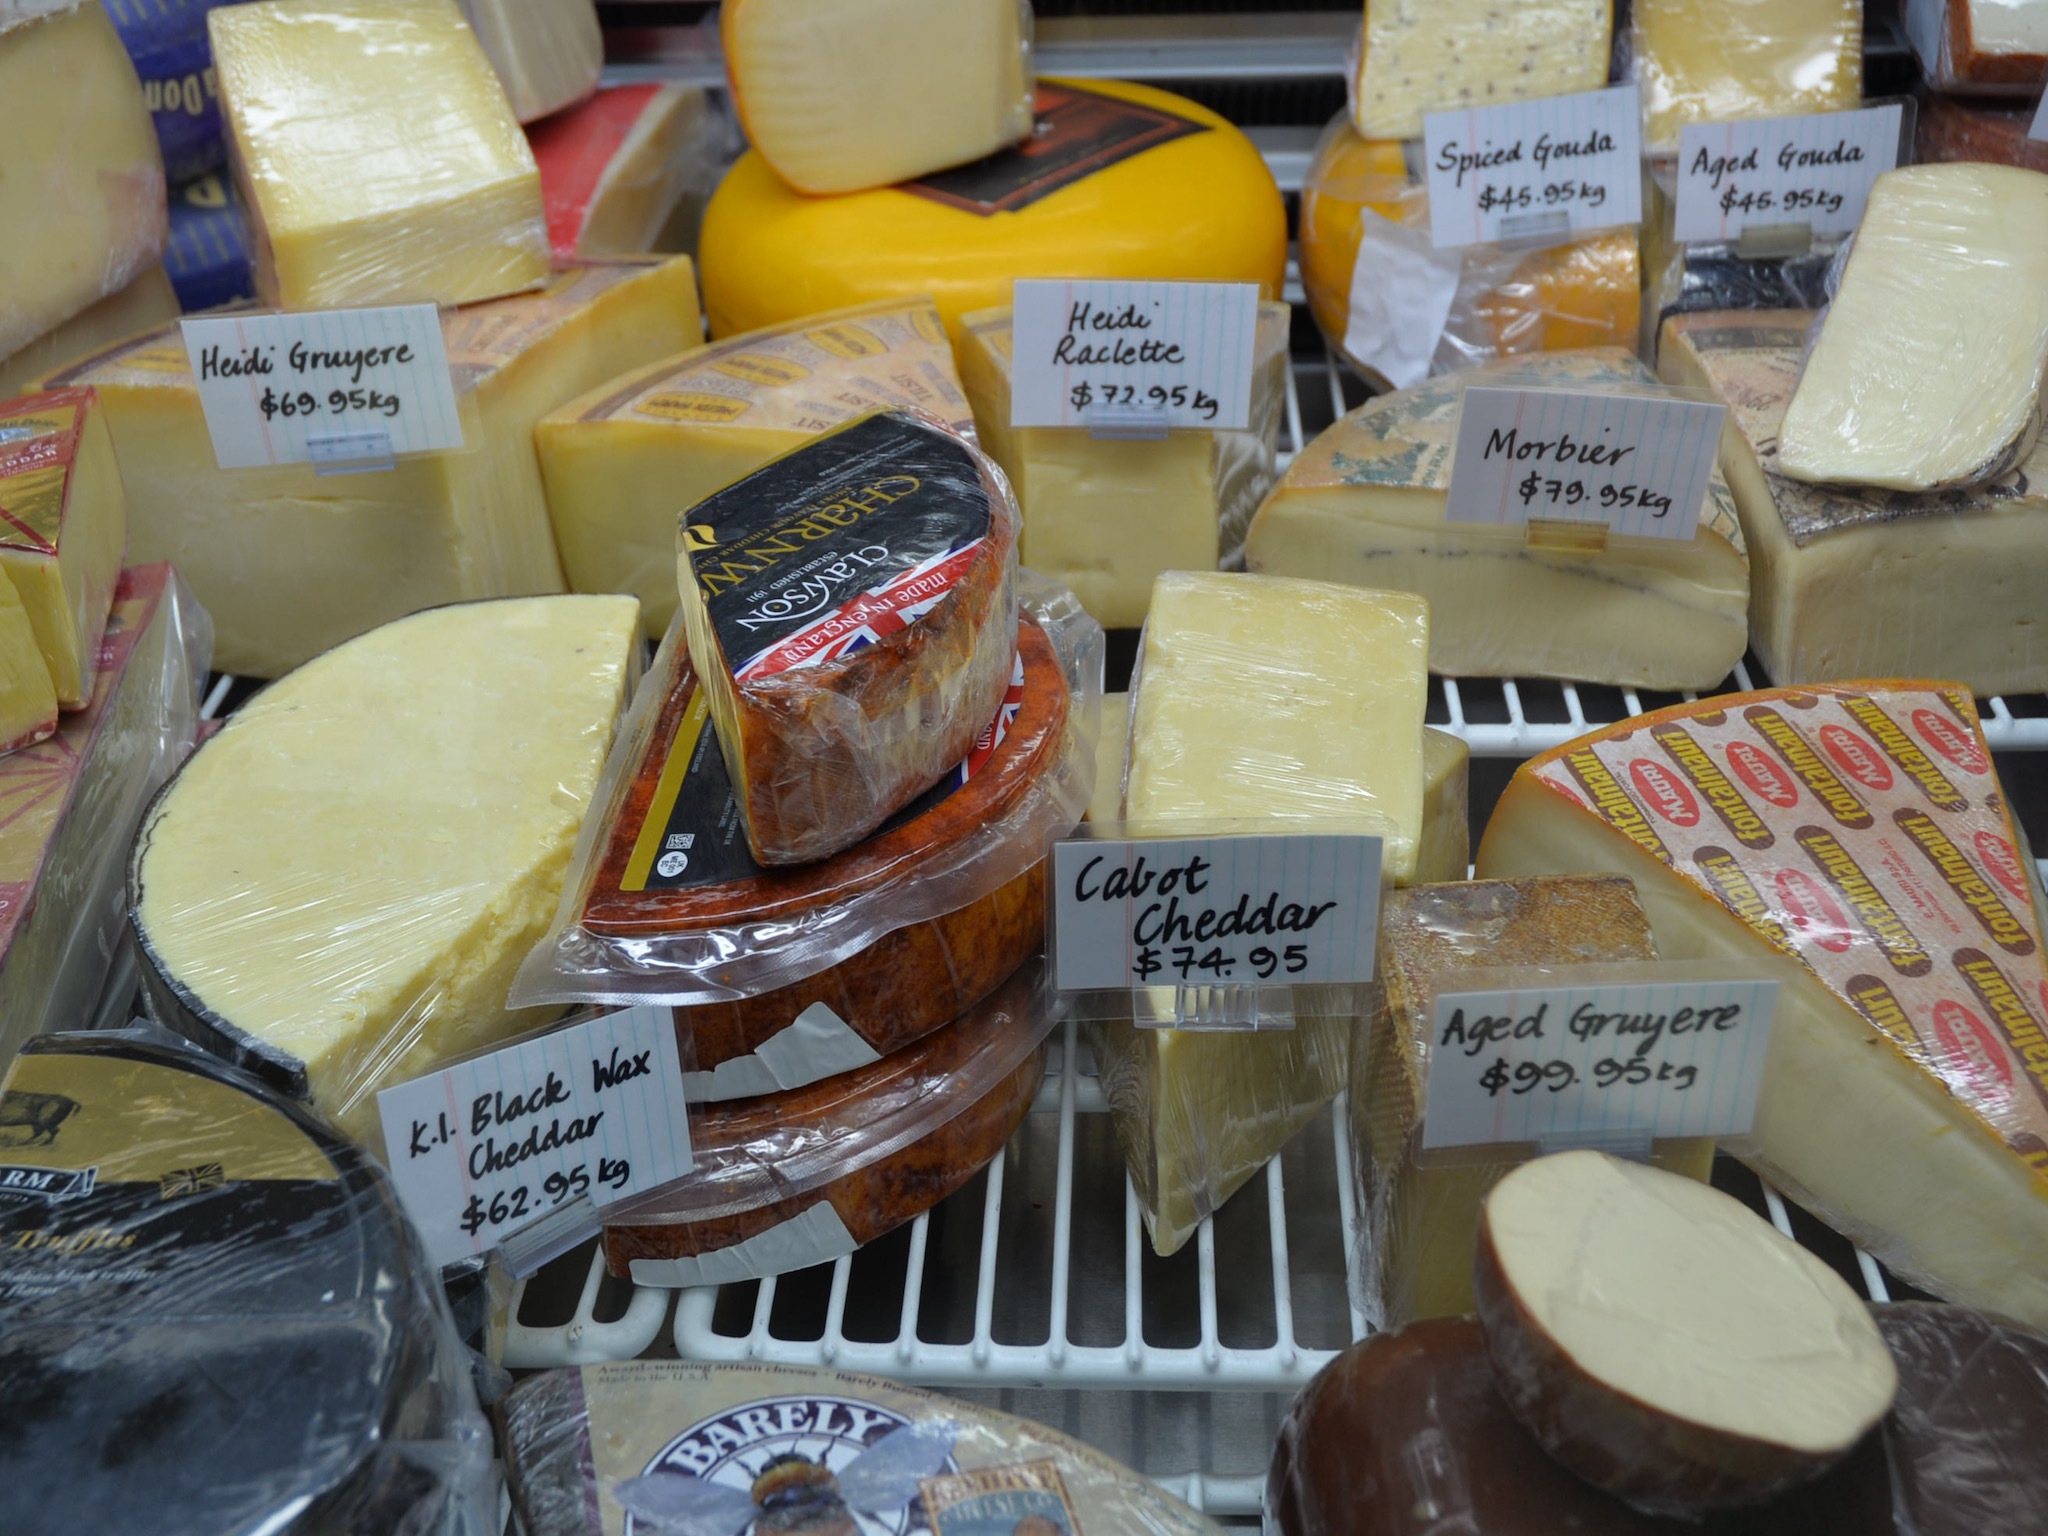 The Cheese Shop Deli